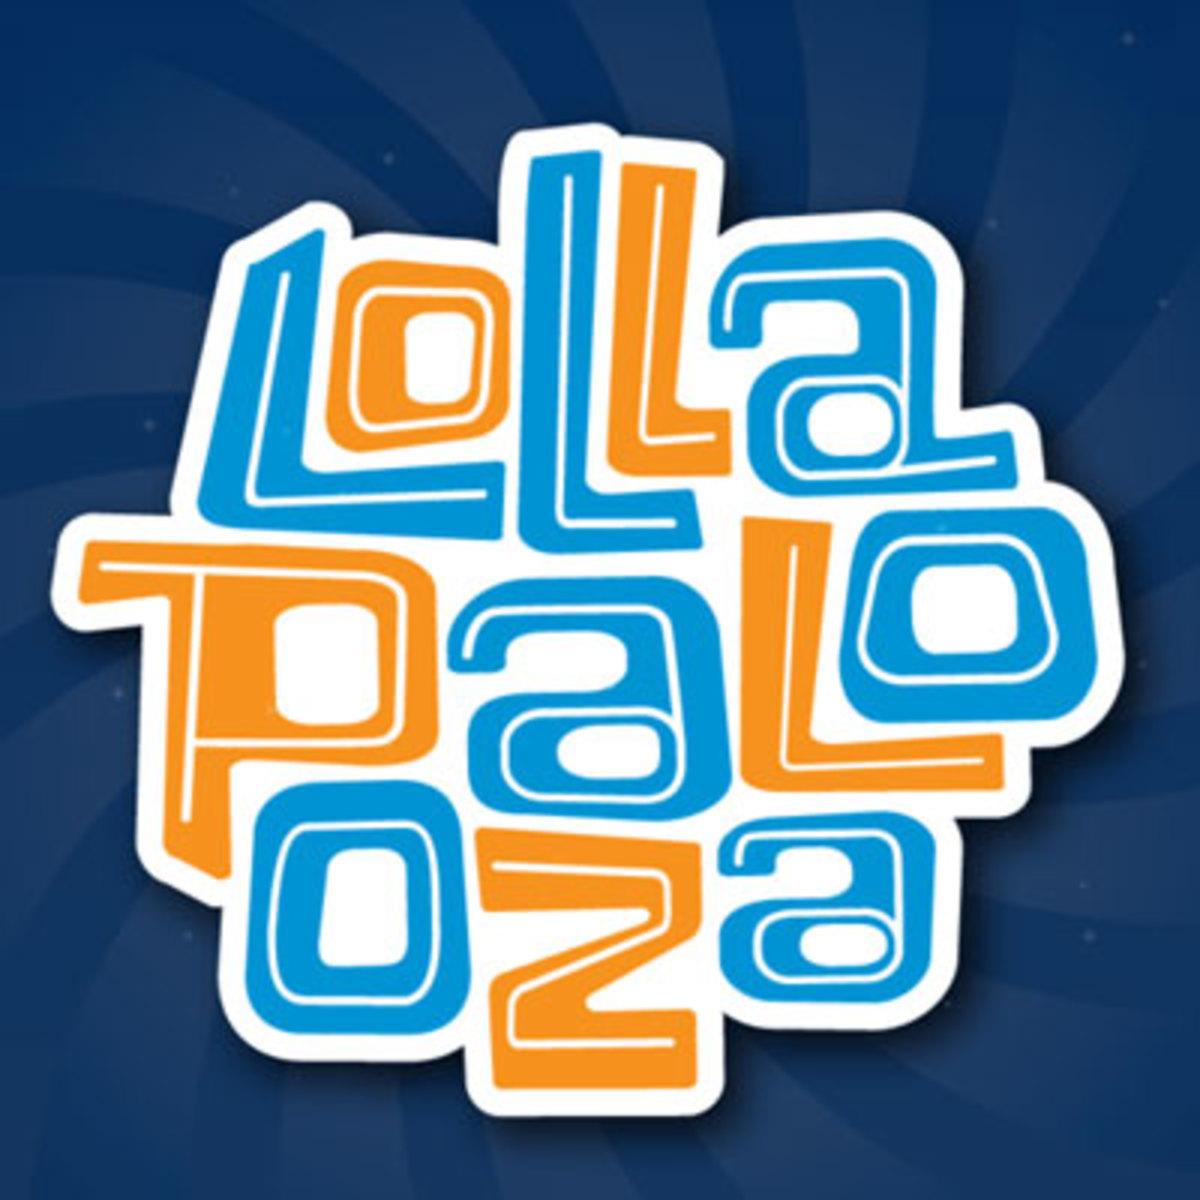 lollafest.jpg